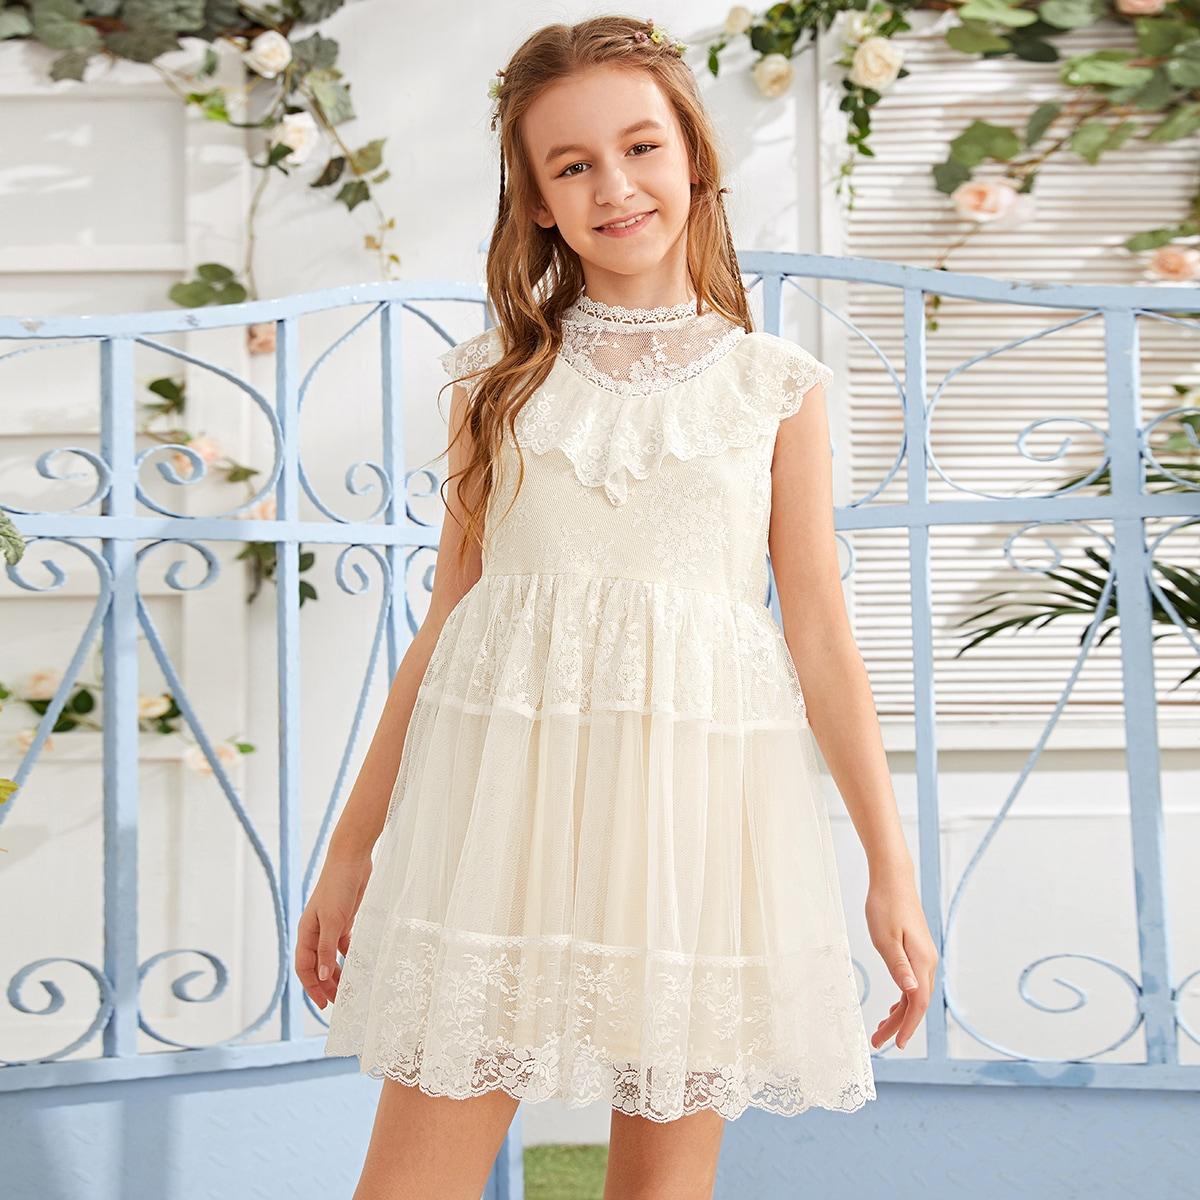 Кружевное и сетчатое платье с оборками и молнией для девочек